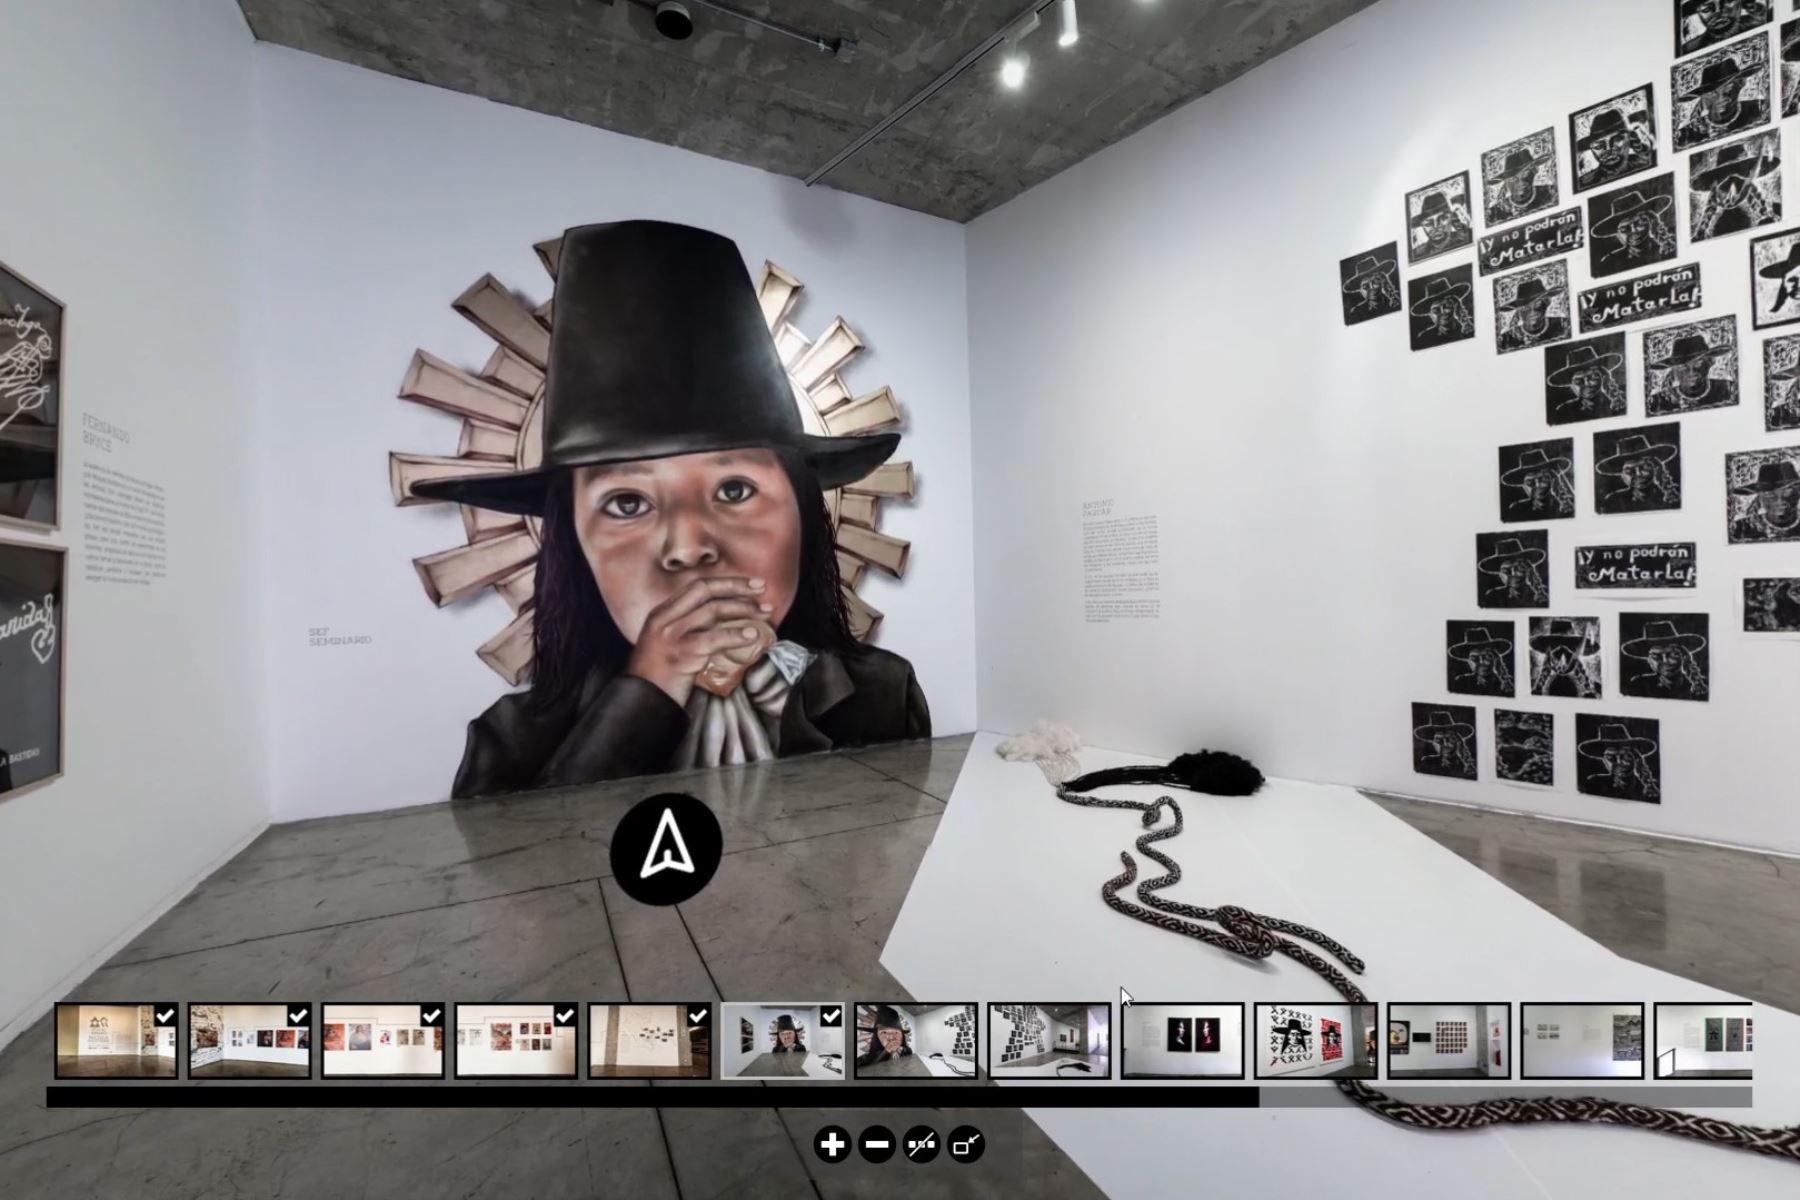 Muestra virtual 360° 'Túpac Amaru y Micaela Bastidas: memorias, símbolos y misterios' en el Lugar de la Memoria (LUM). Foto: ANDINA/Difusión